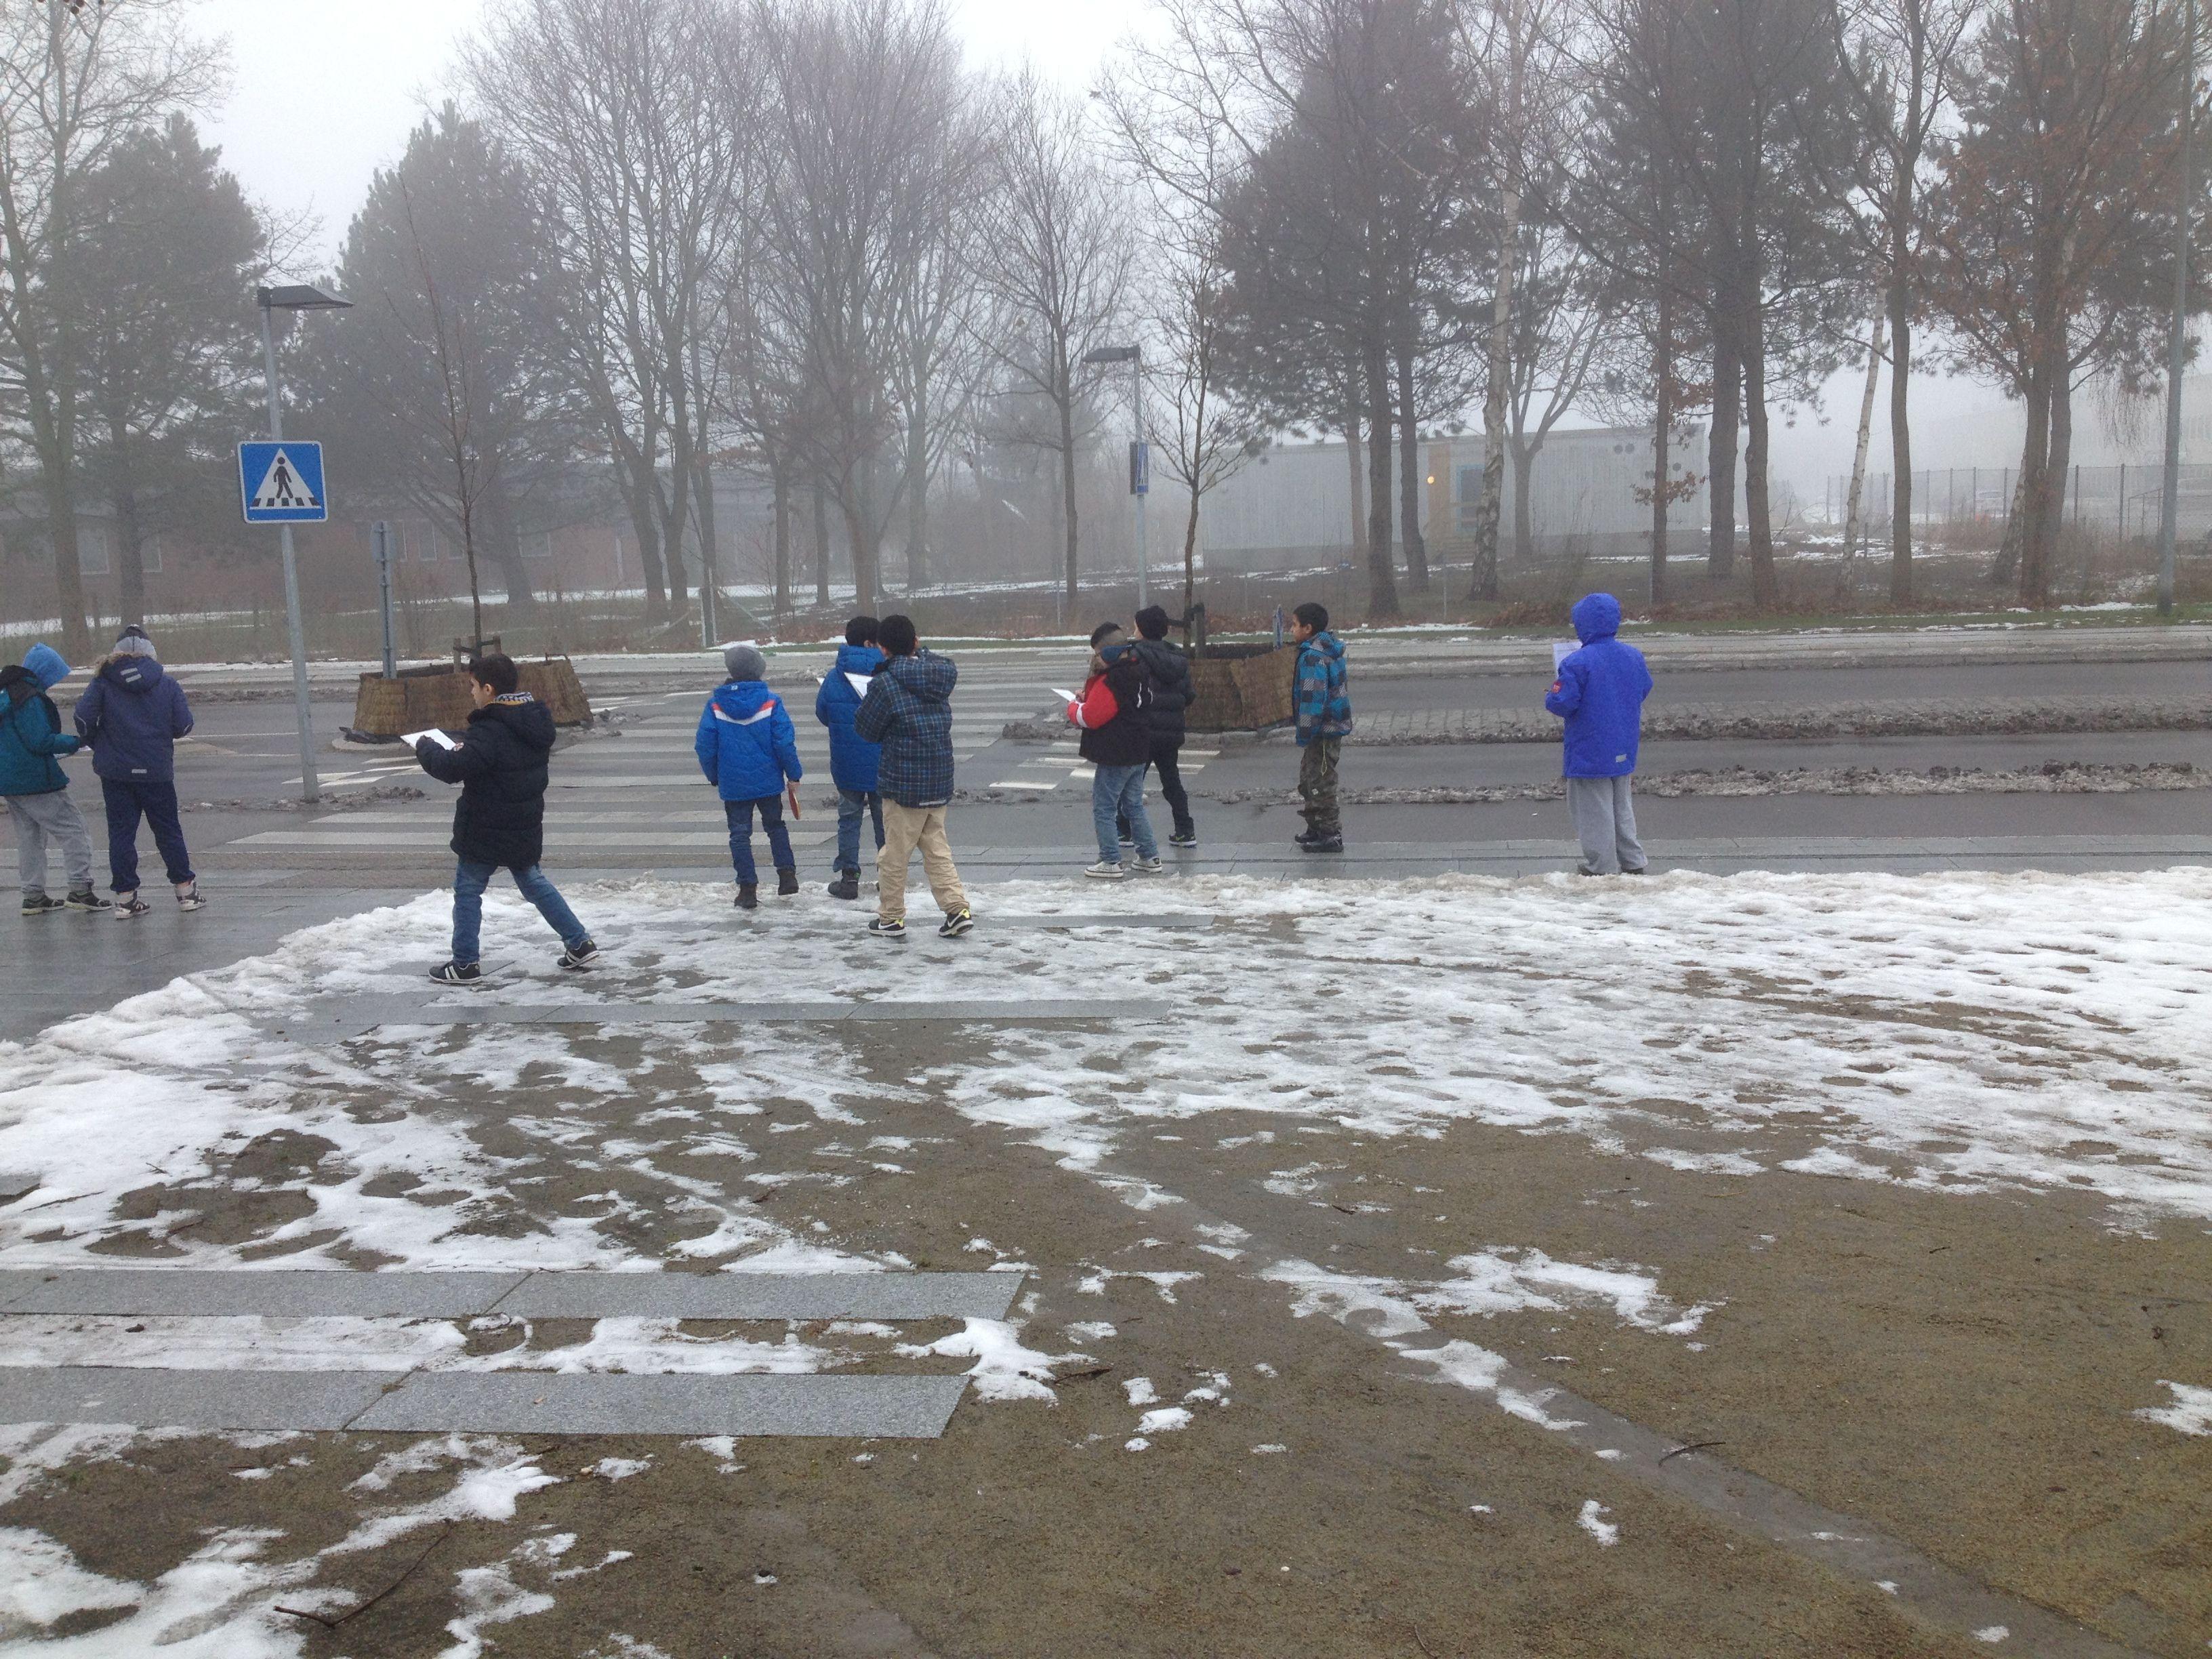 Traffiktælling på Taastrupgaardsvej i koldt vejr. Eleverne er igang med at lave en undersøgelse af traffikbelastningen i deres område.